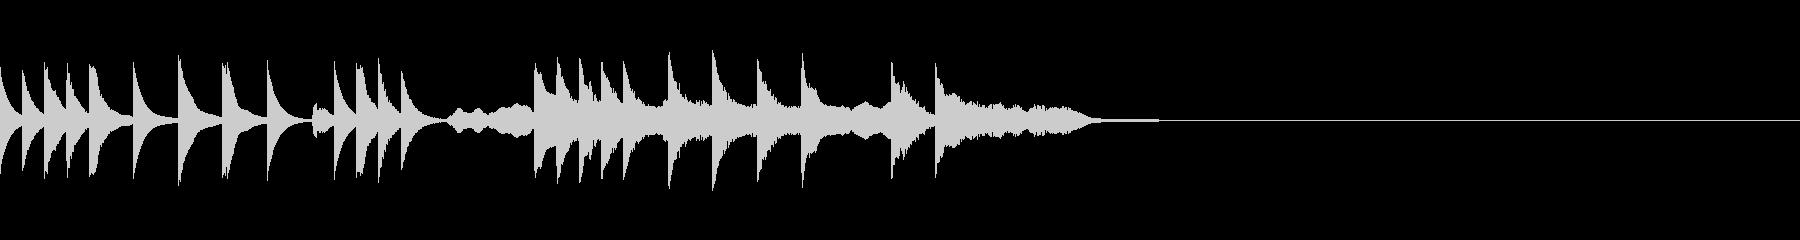 メルヘンチックな曲 /CMの未再生の波形